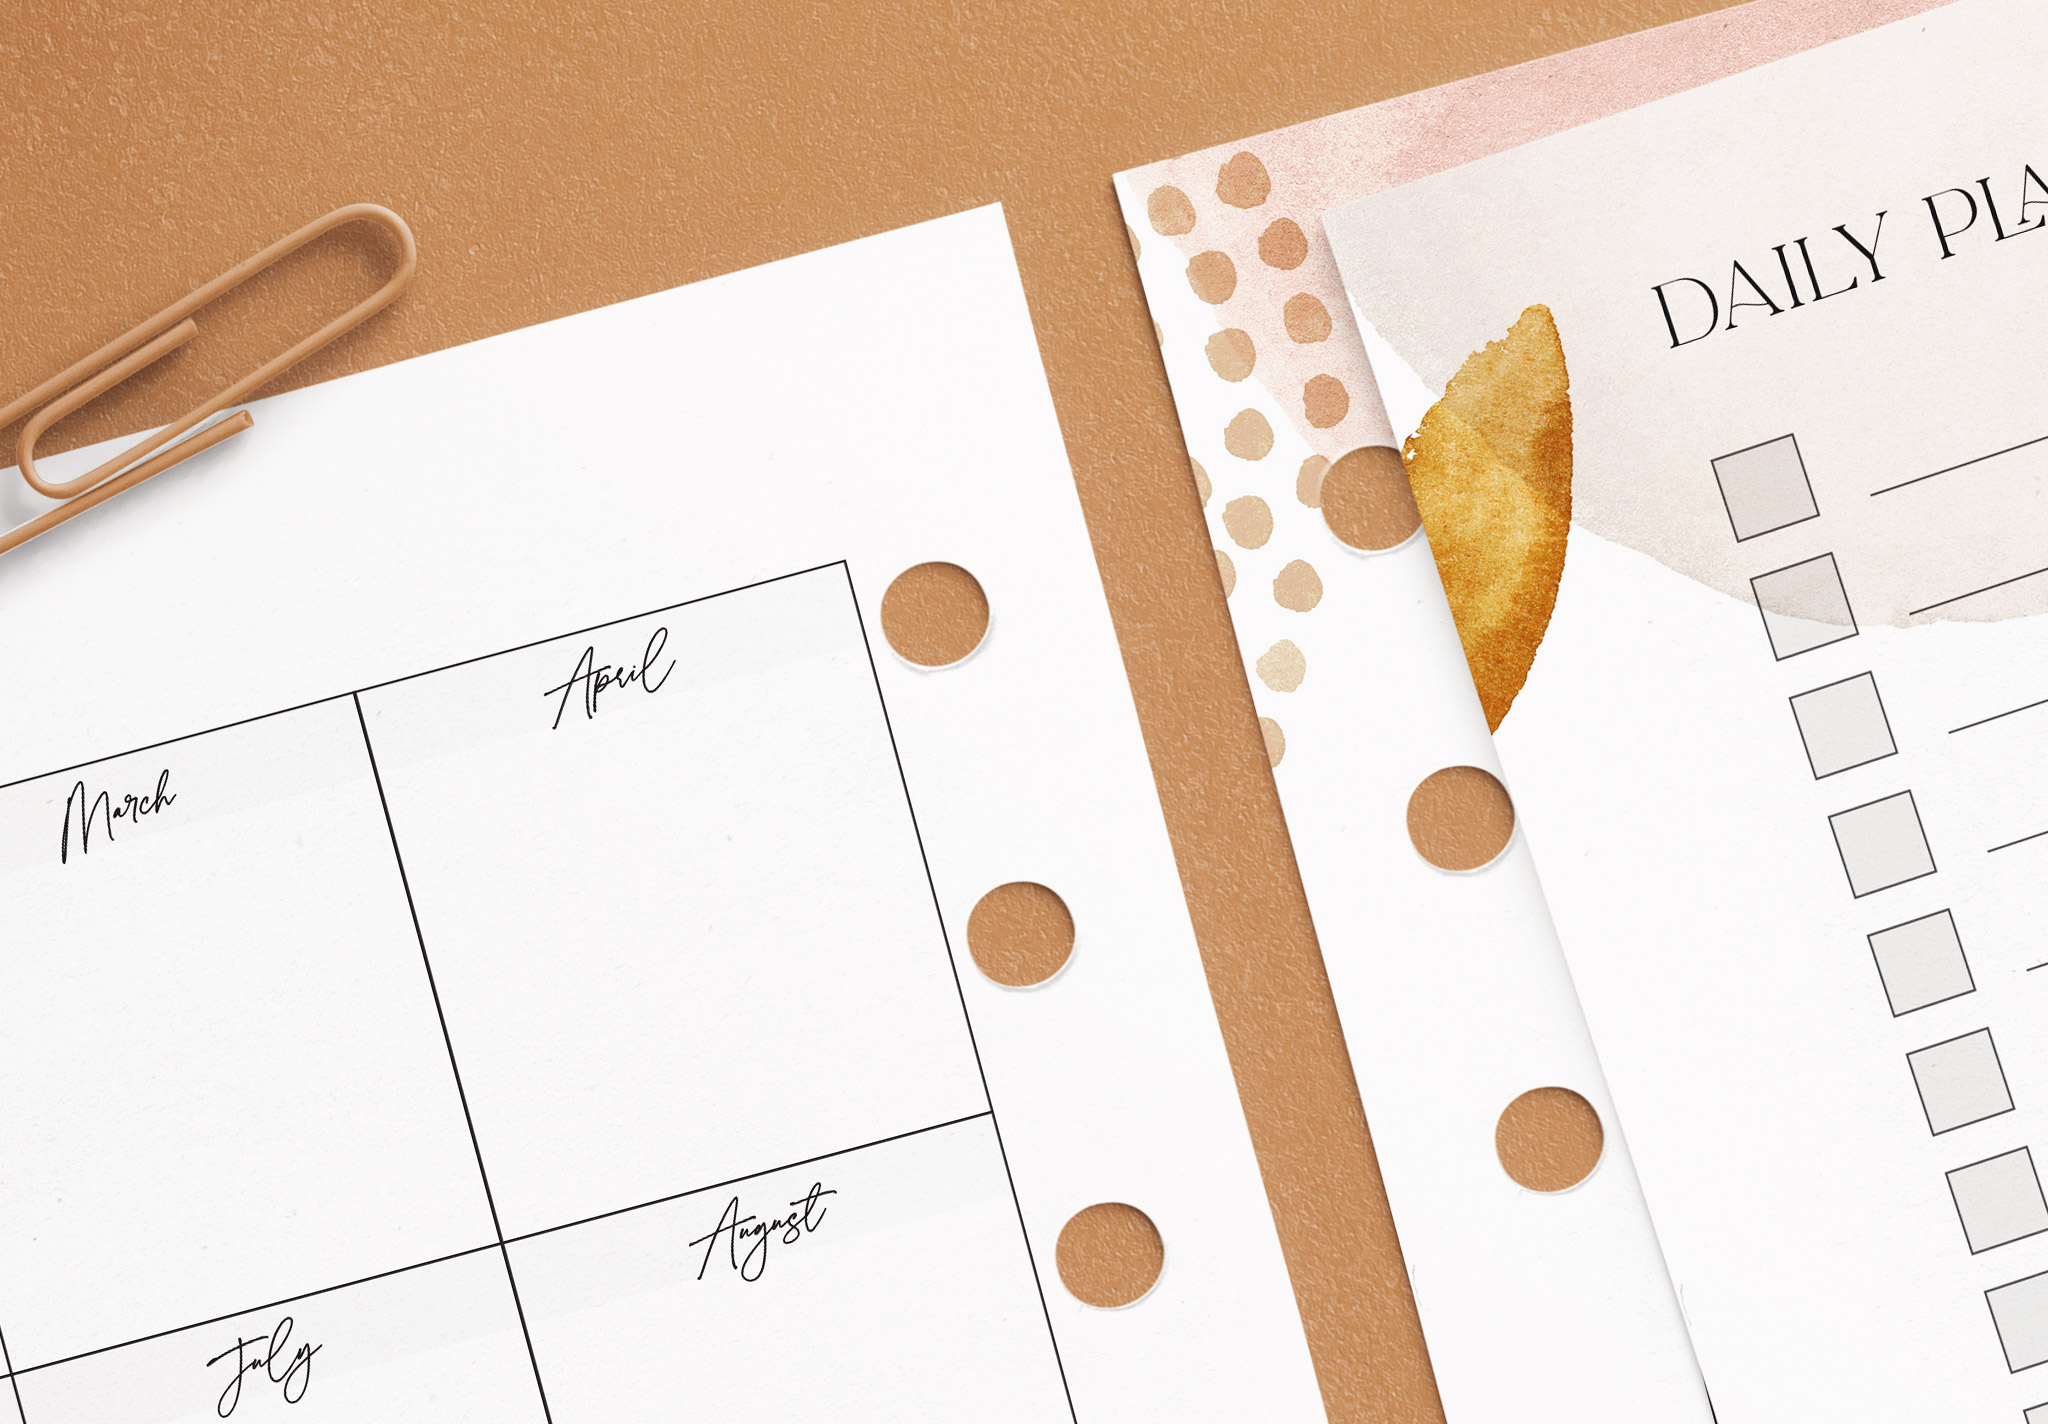 Planner Inserts US Letter Size Mockup image04